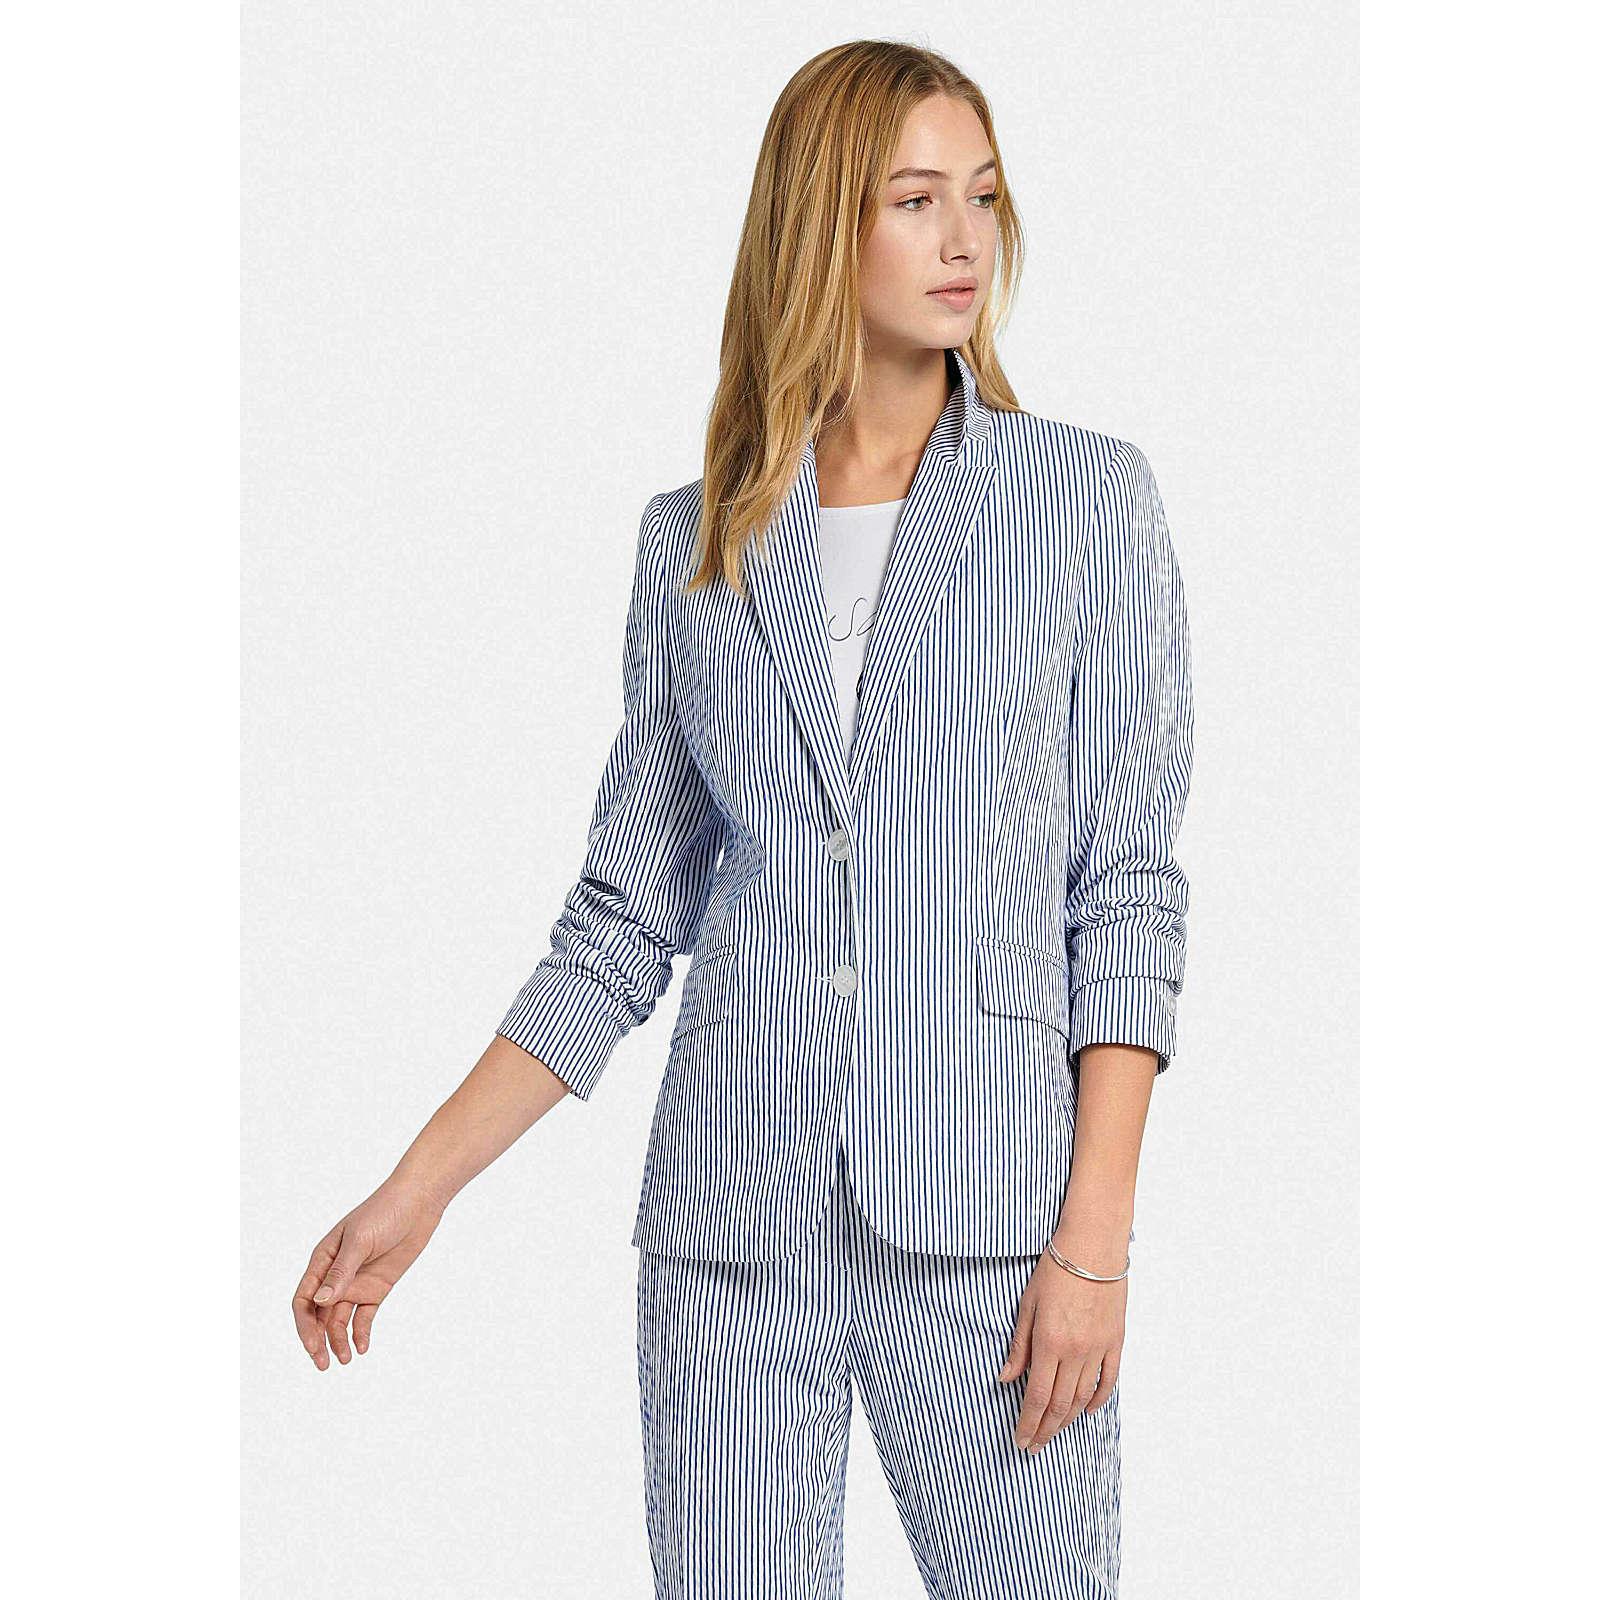 UTA RAASCH Blazer mit Reverskragen Blazer blau Damen Gr. 44